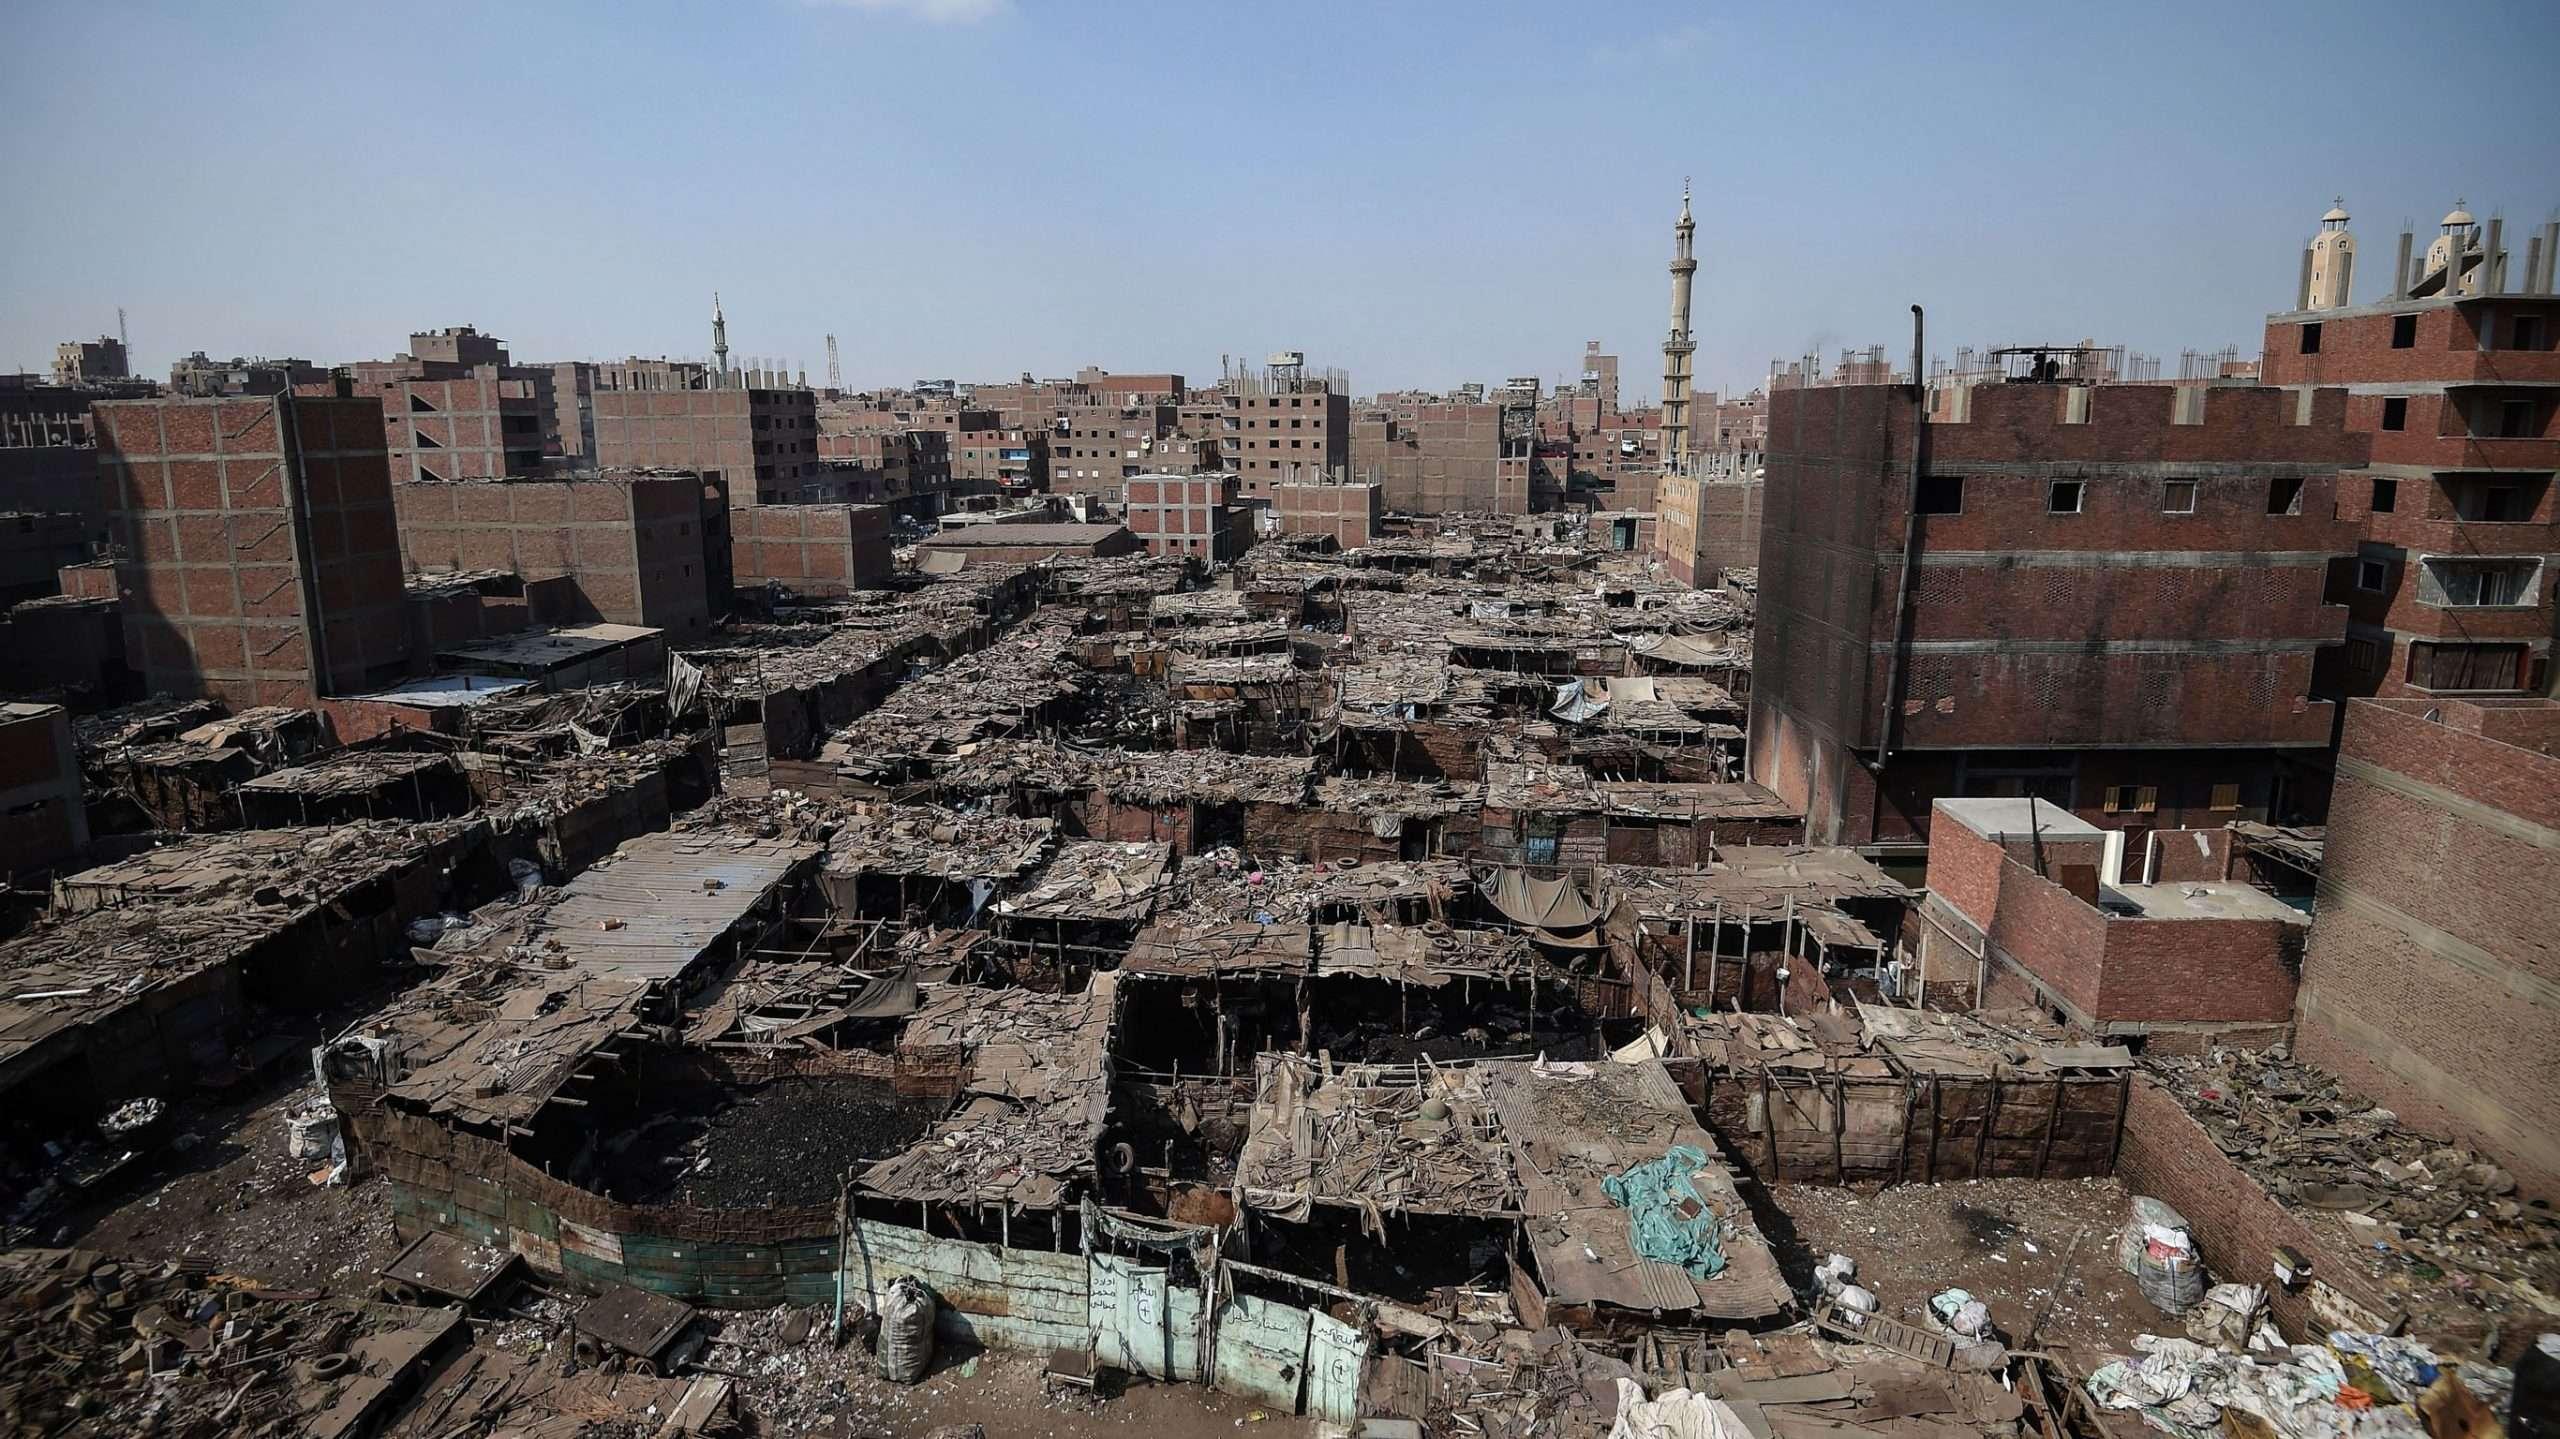 كم سيكون عدد سكان العشوائيات في العالم عام 2030؟, صحيفة عربية -بروفايل نيوز